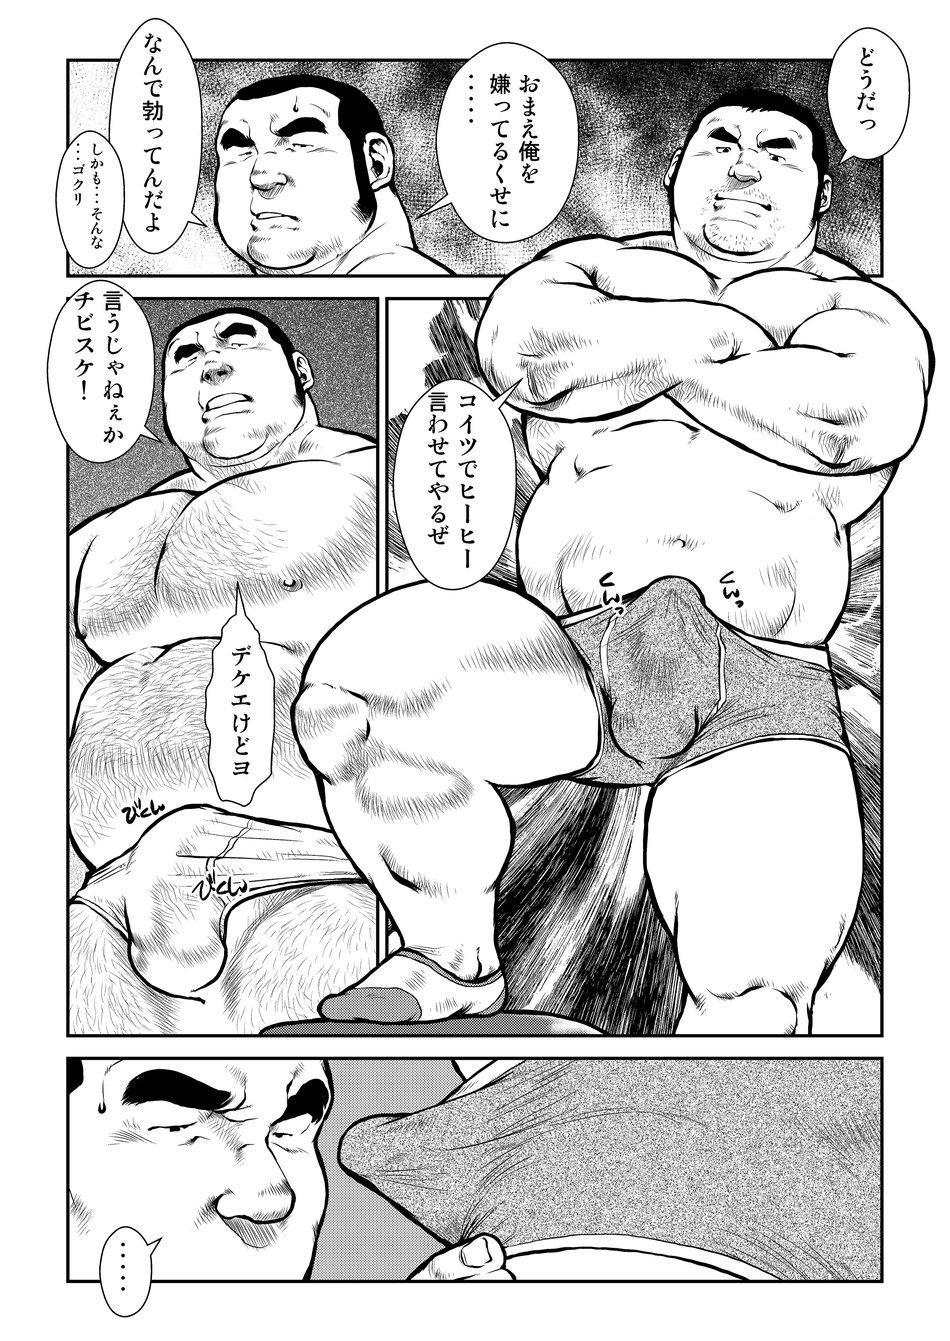 Hara Iso Hatsujou Seinendan Dai 4-wa 1